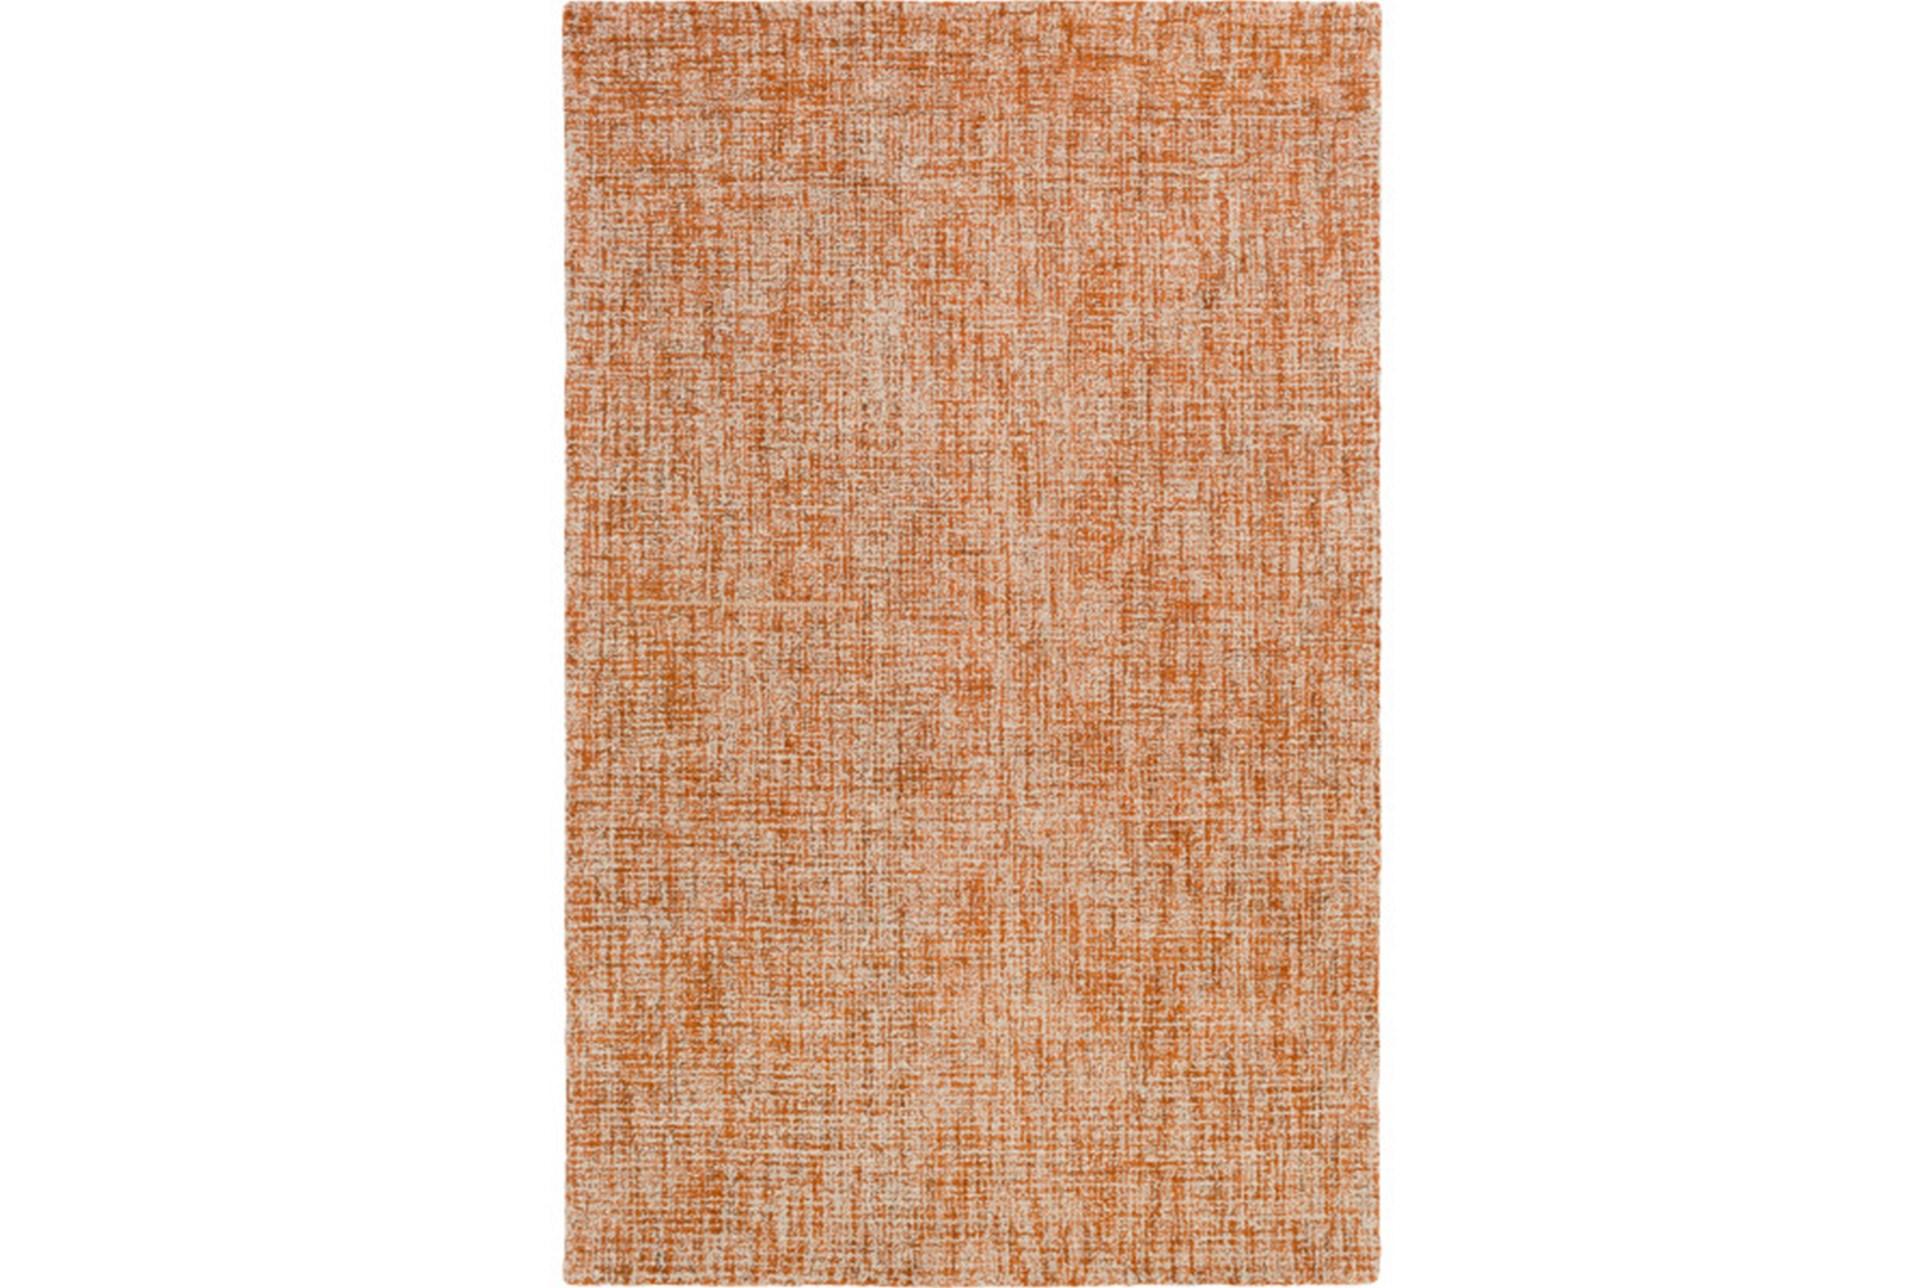 60x90 Rug Berber Tufted Wool Orange Living Spaces